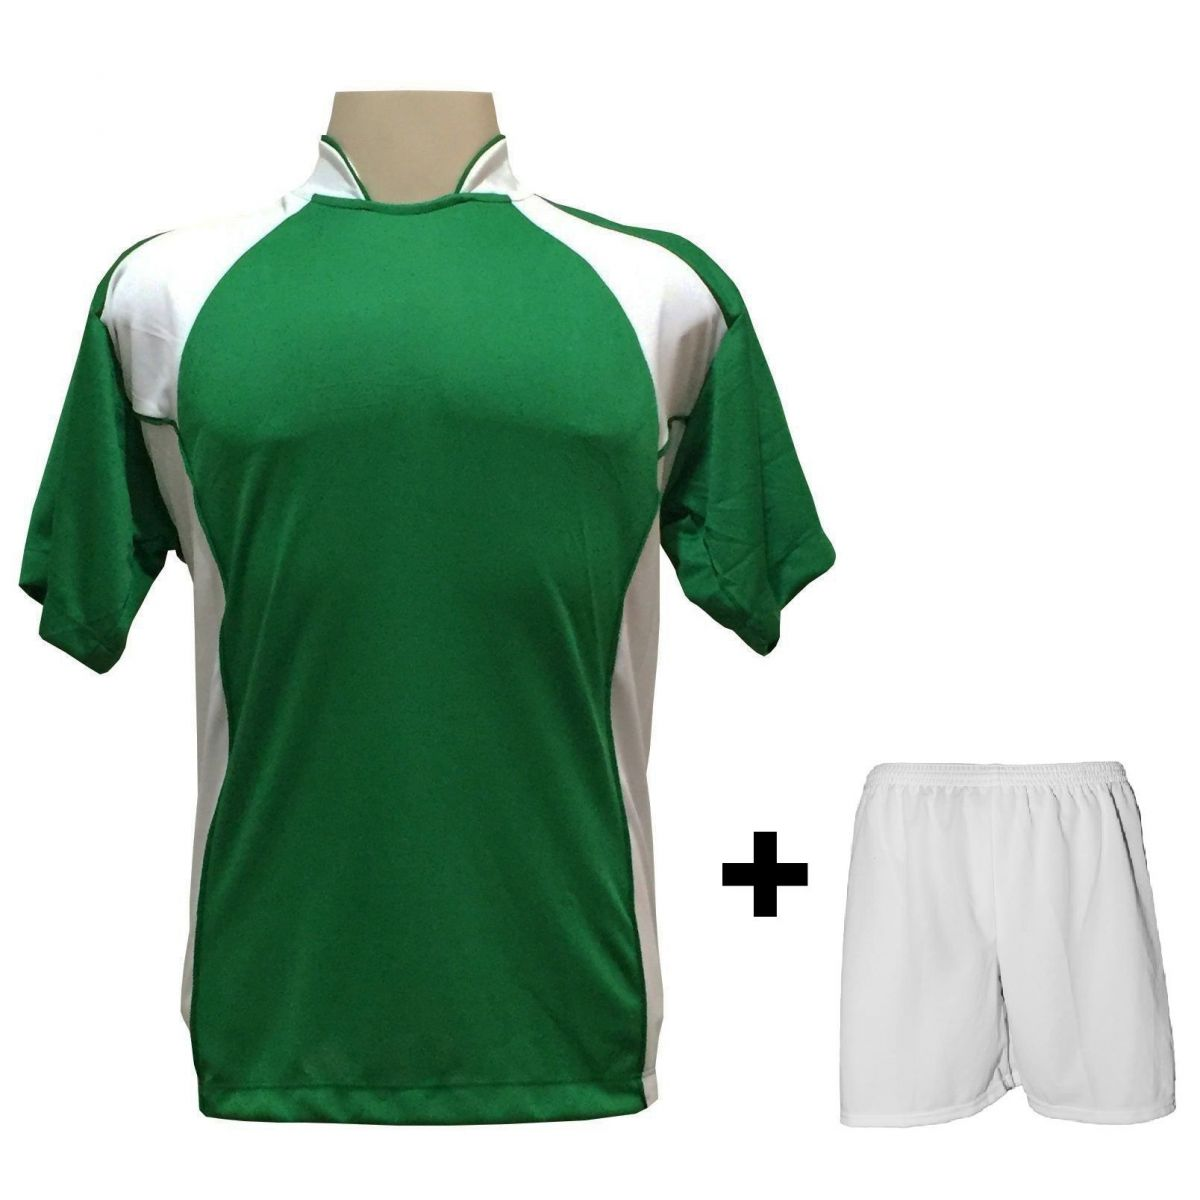 Uniforme Esportivo com 14 Camisas modelo Suécia Verde/Branco + 14 Calções modelo Madrid Branco + Brindes